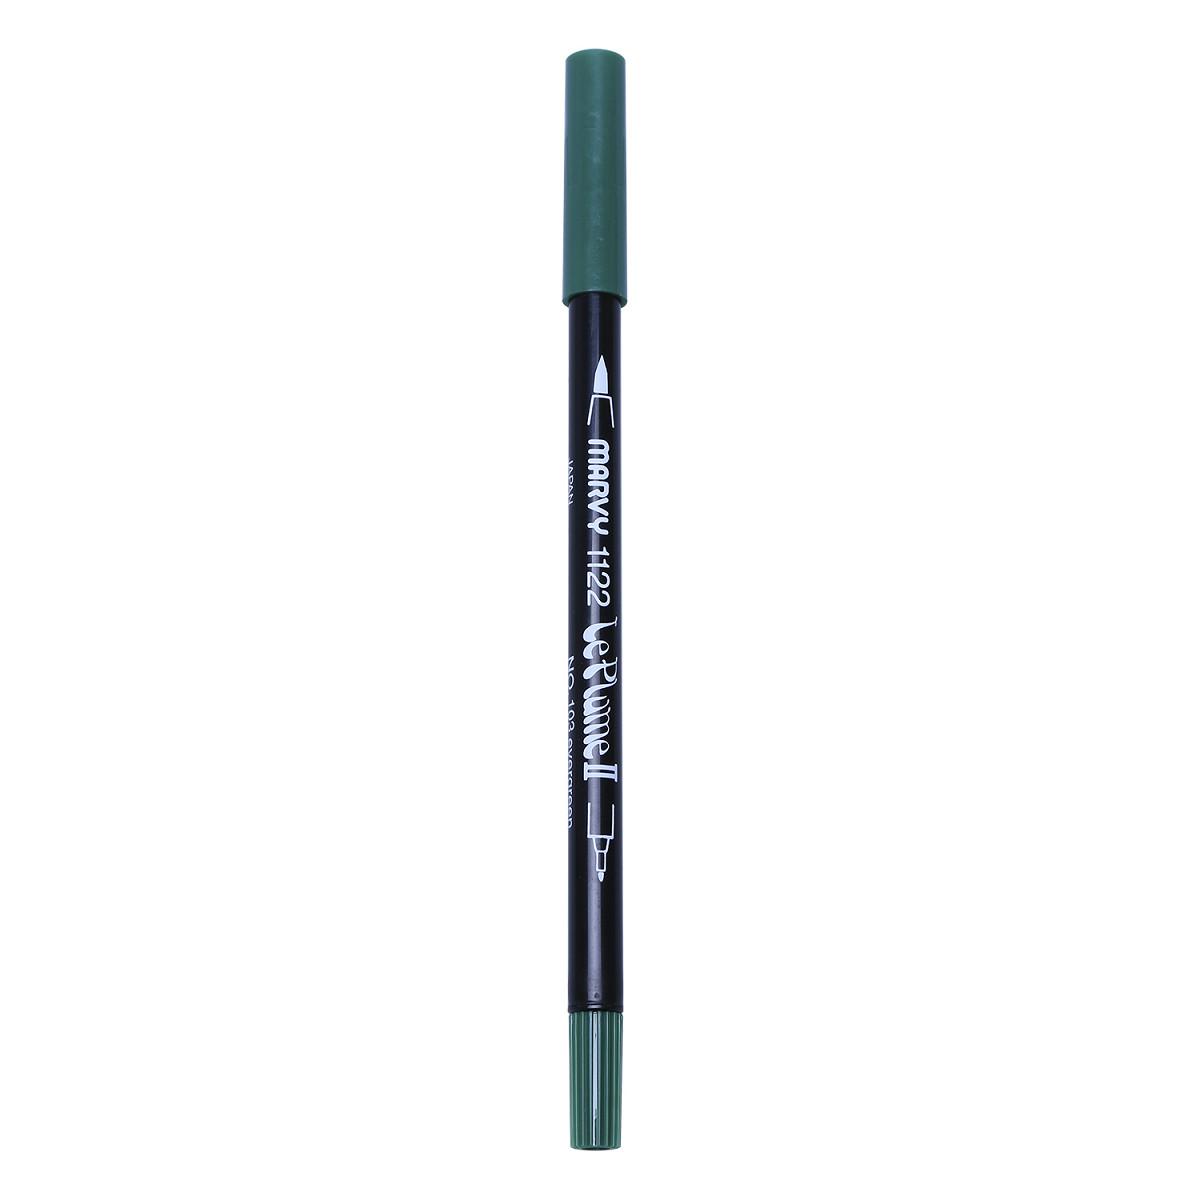 Bút lông hai đầu màu nước Marvy LePlume II 1122 - Brush/ Extra fine tip - Evergreen (103)